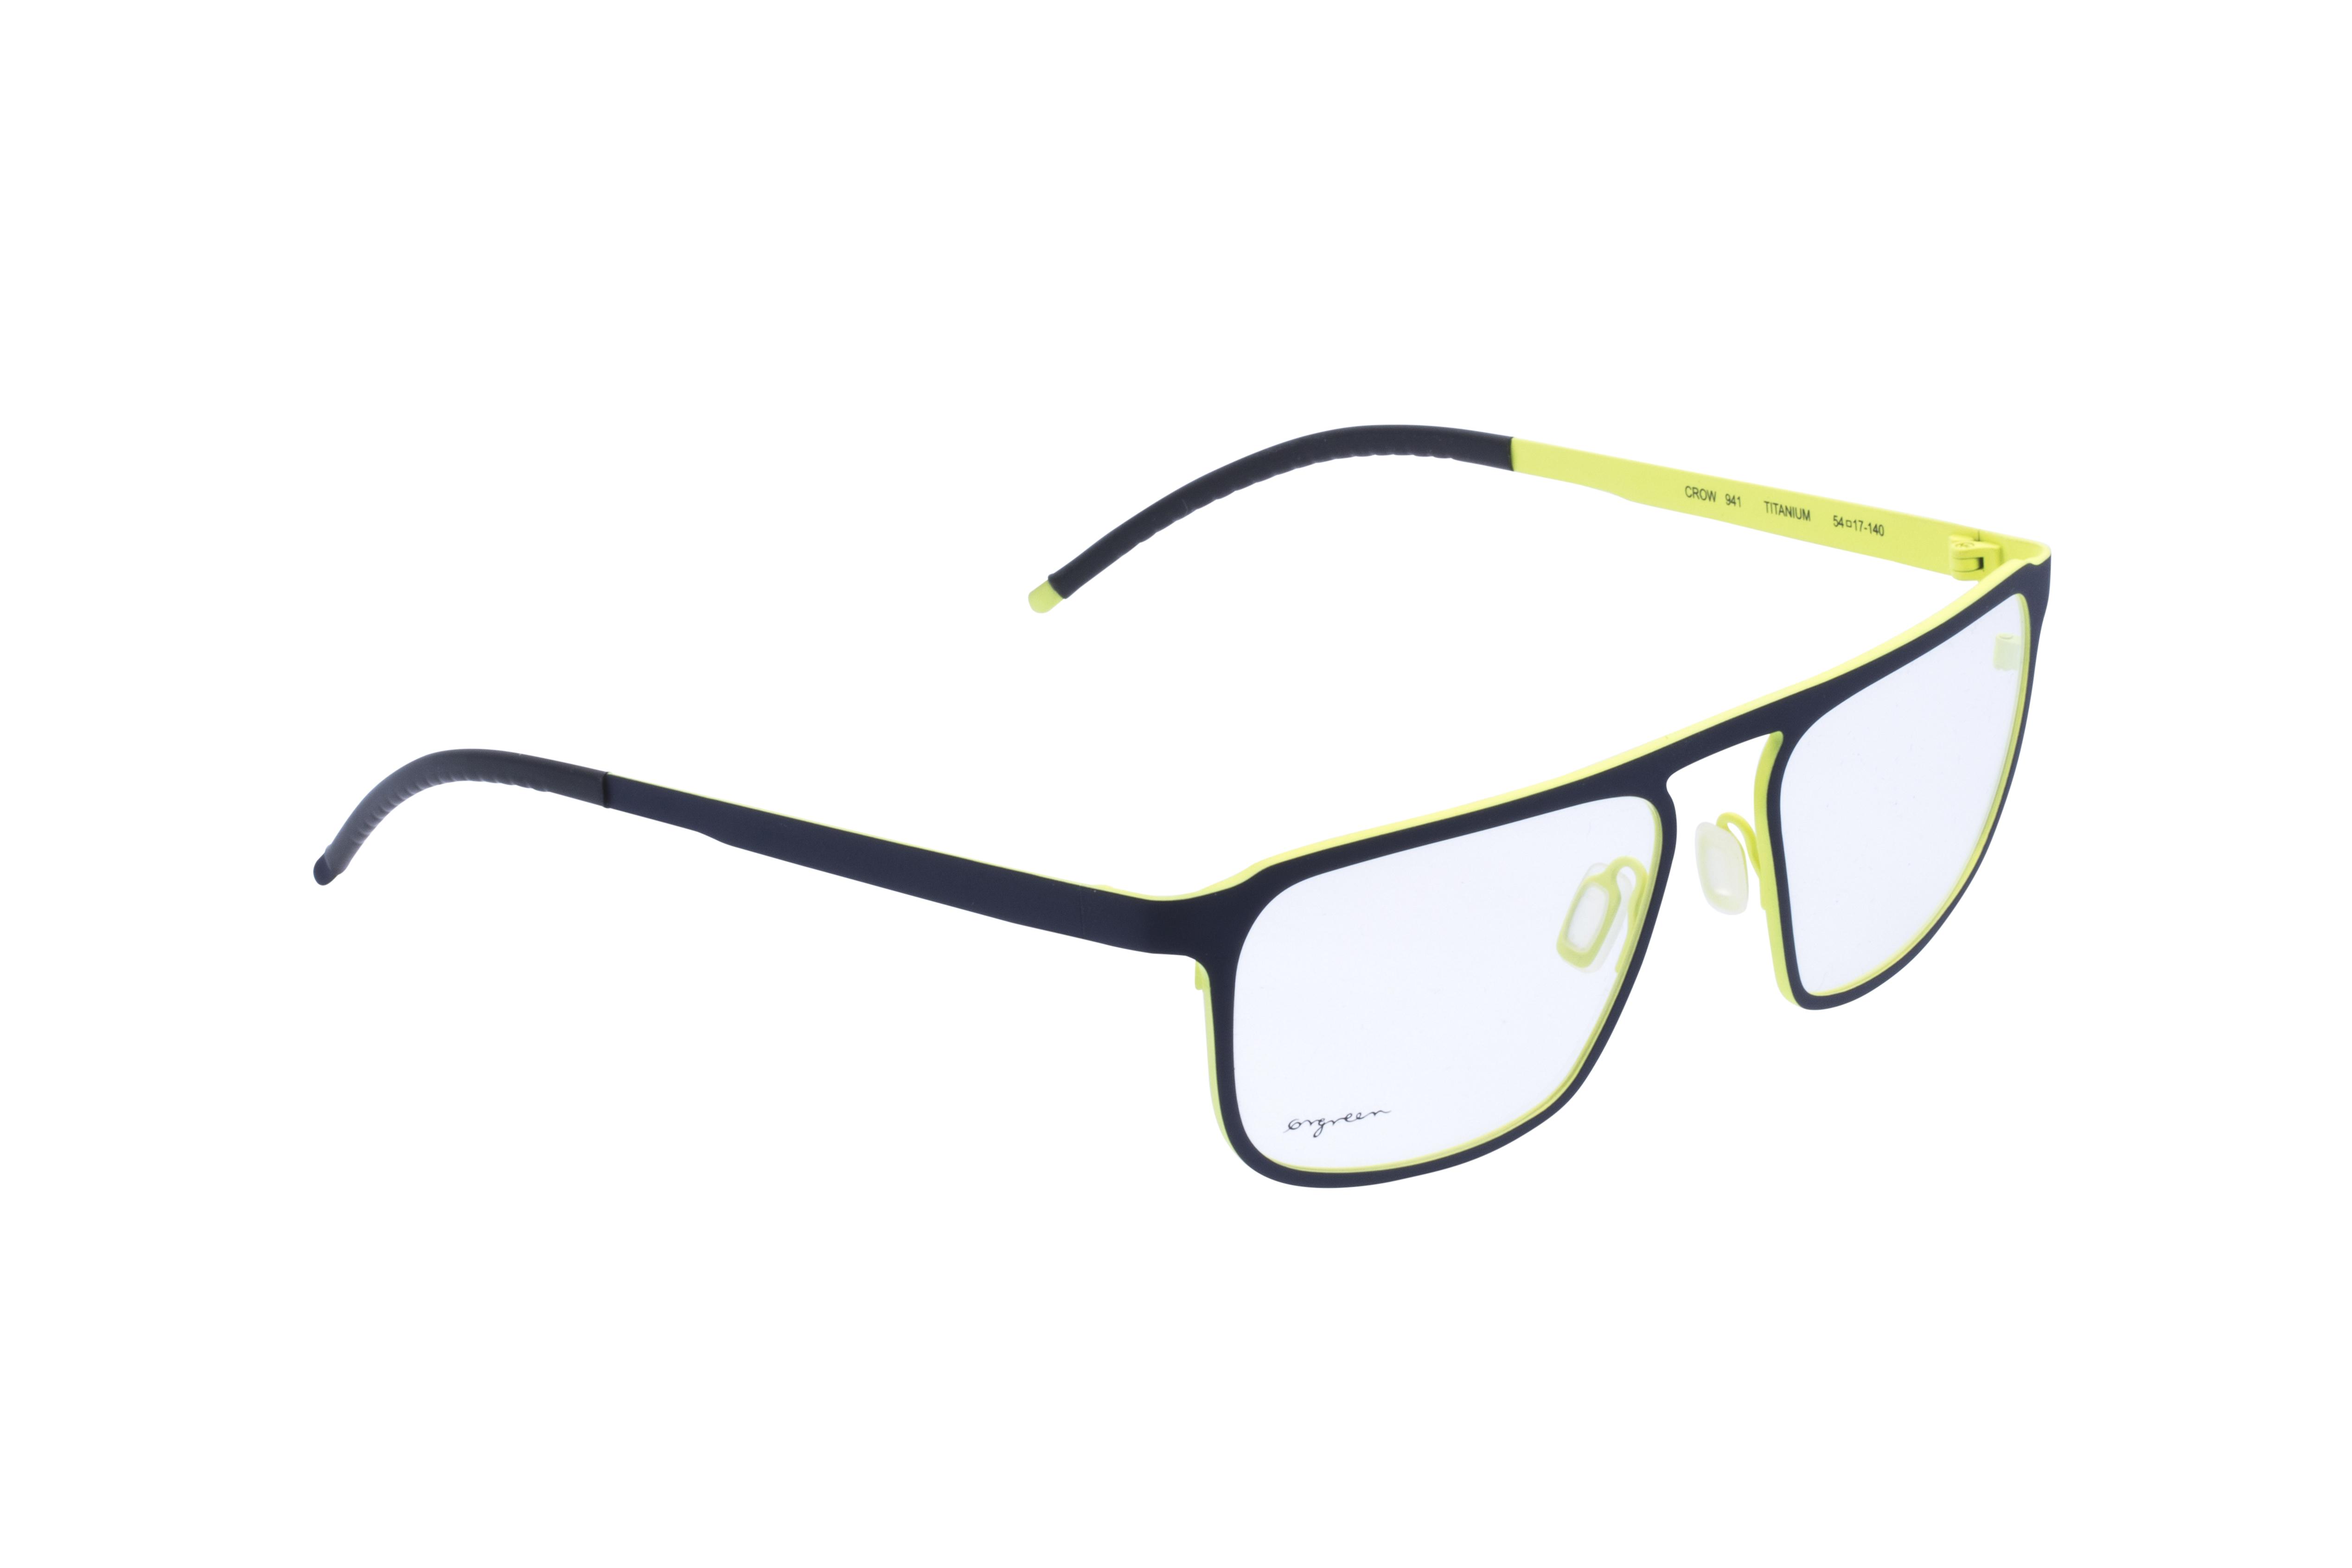 360 Grad Ansicht 3 Orgreen Crow, Brille auf Weiß - Fassung bei KUNK